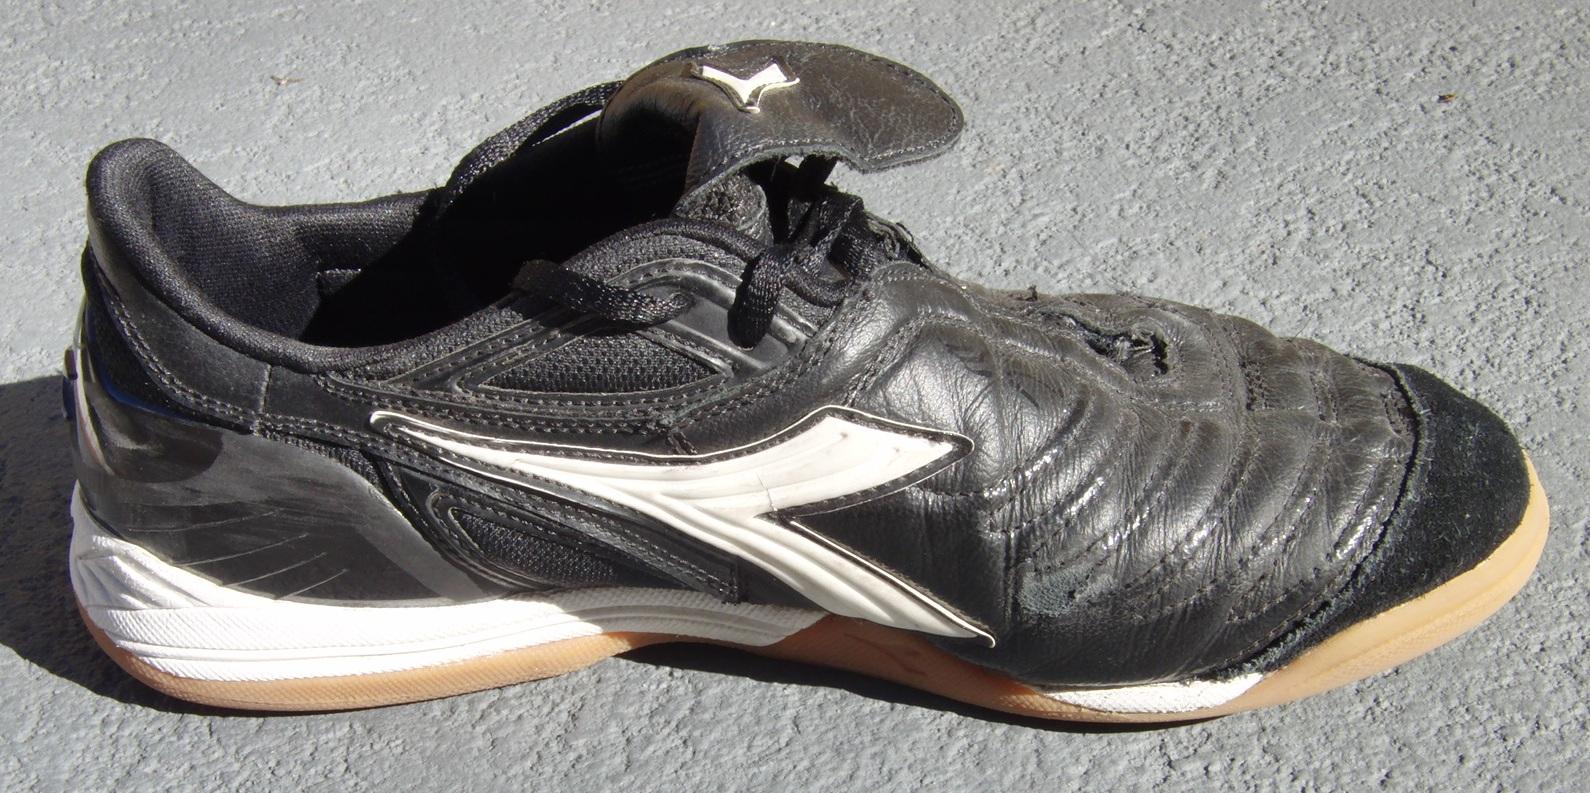 1fed33e98 Diadora Maracana Indoor Review | Soccer Cleats 101